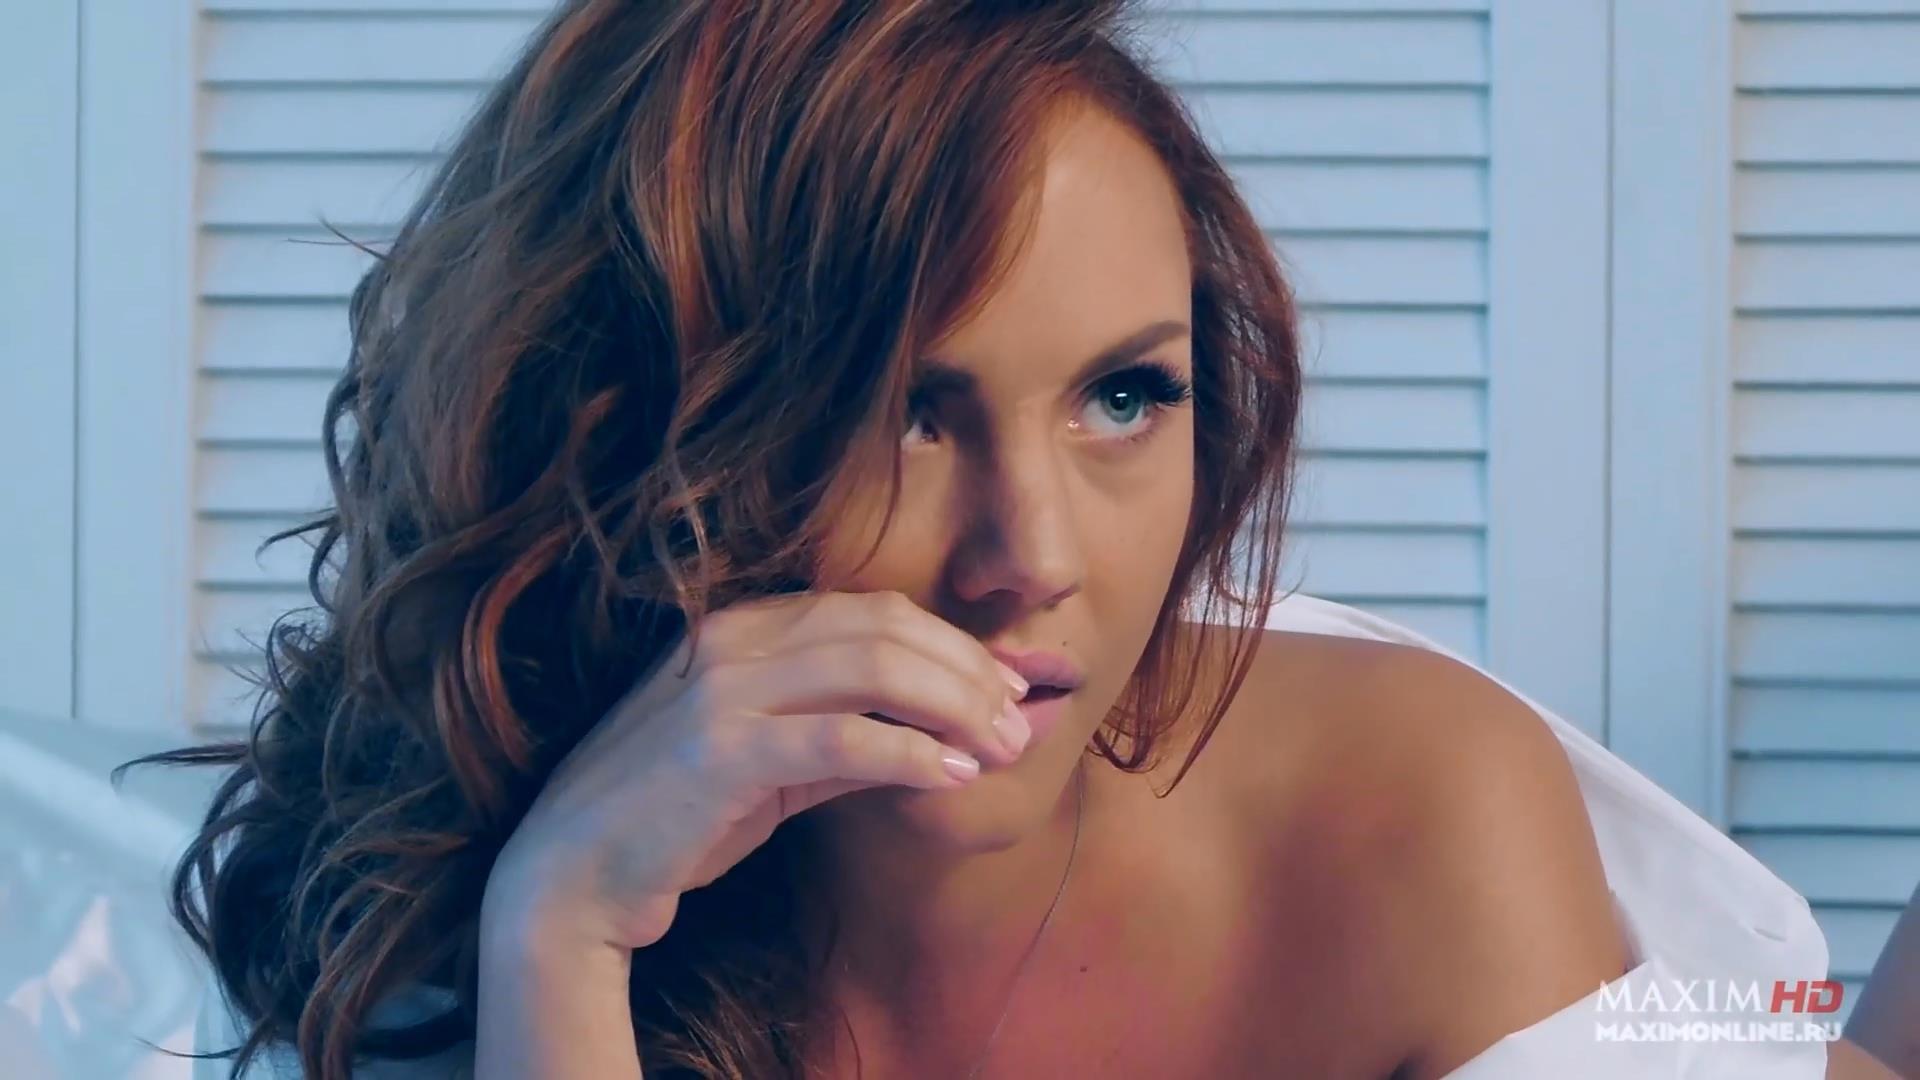 Смотреть фото максим, Фото голых знаменитостей из журнала Максим без цензуры 22 фотография